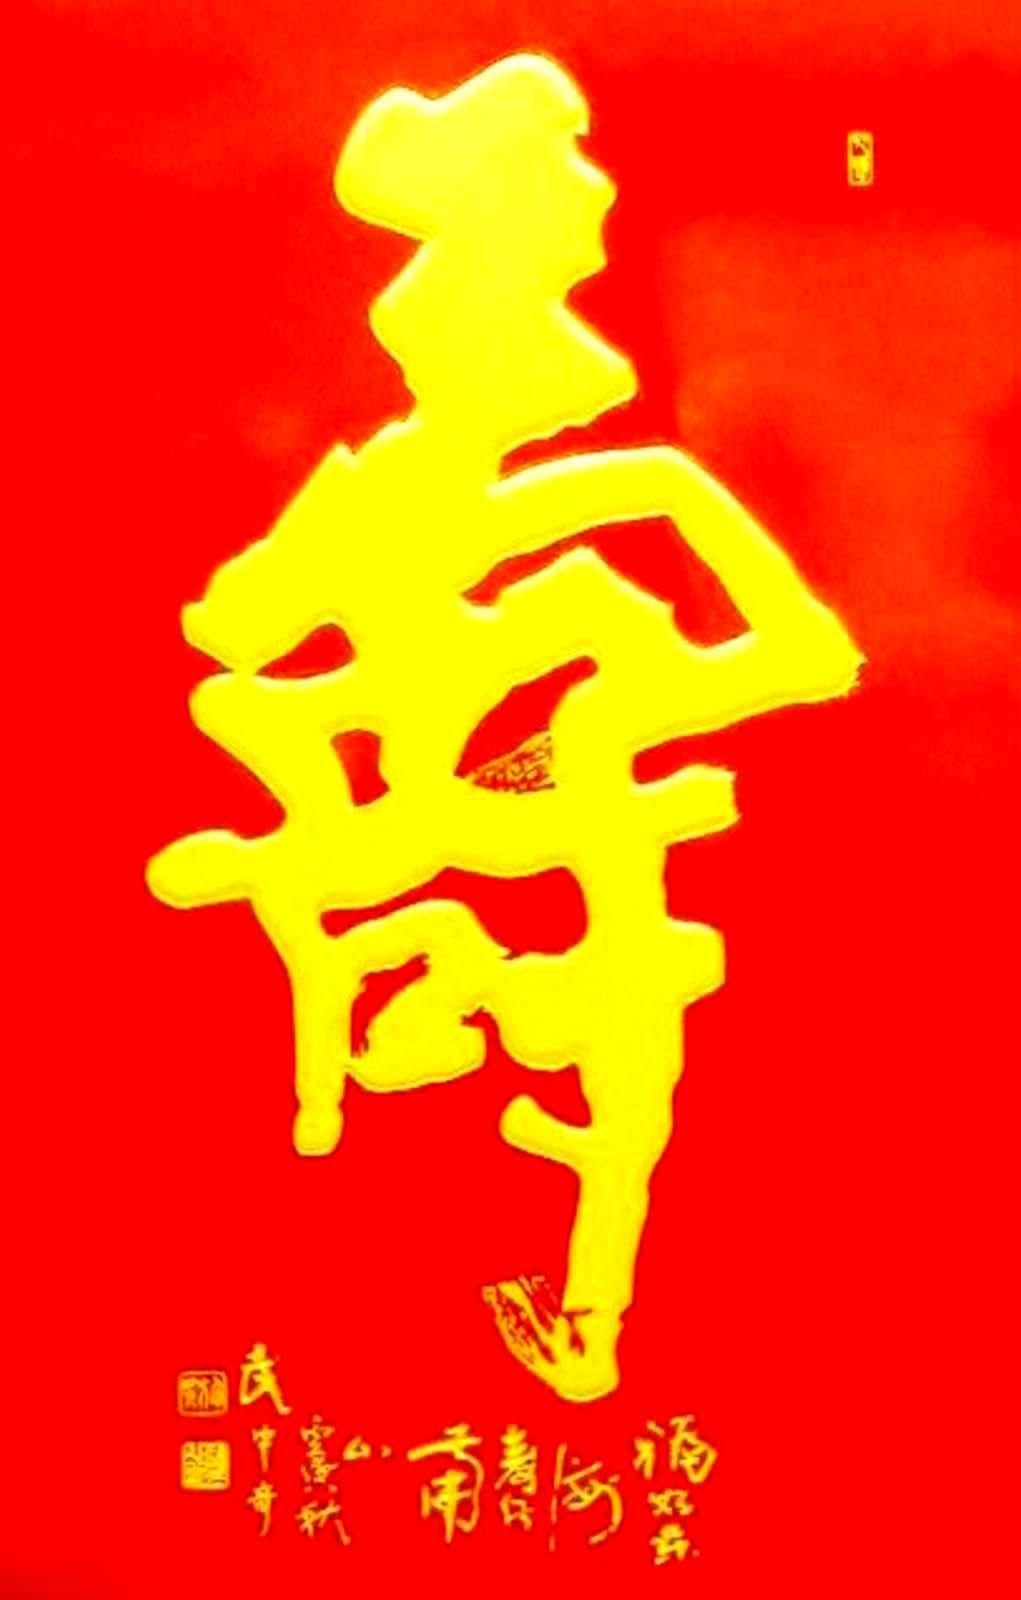 寿字书法作品欣赏